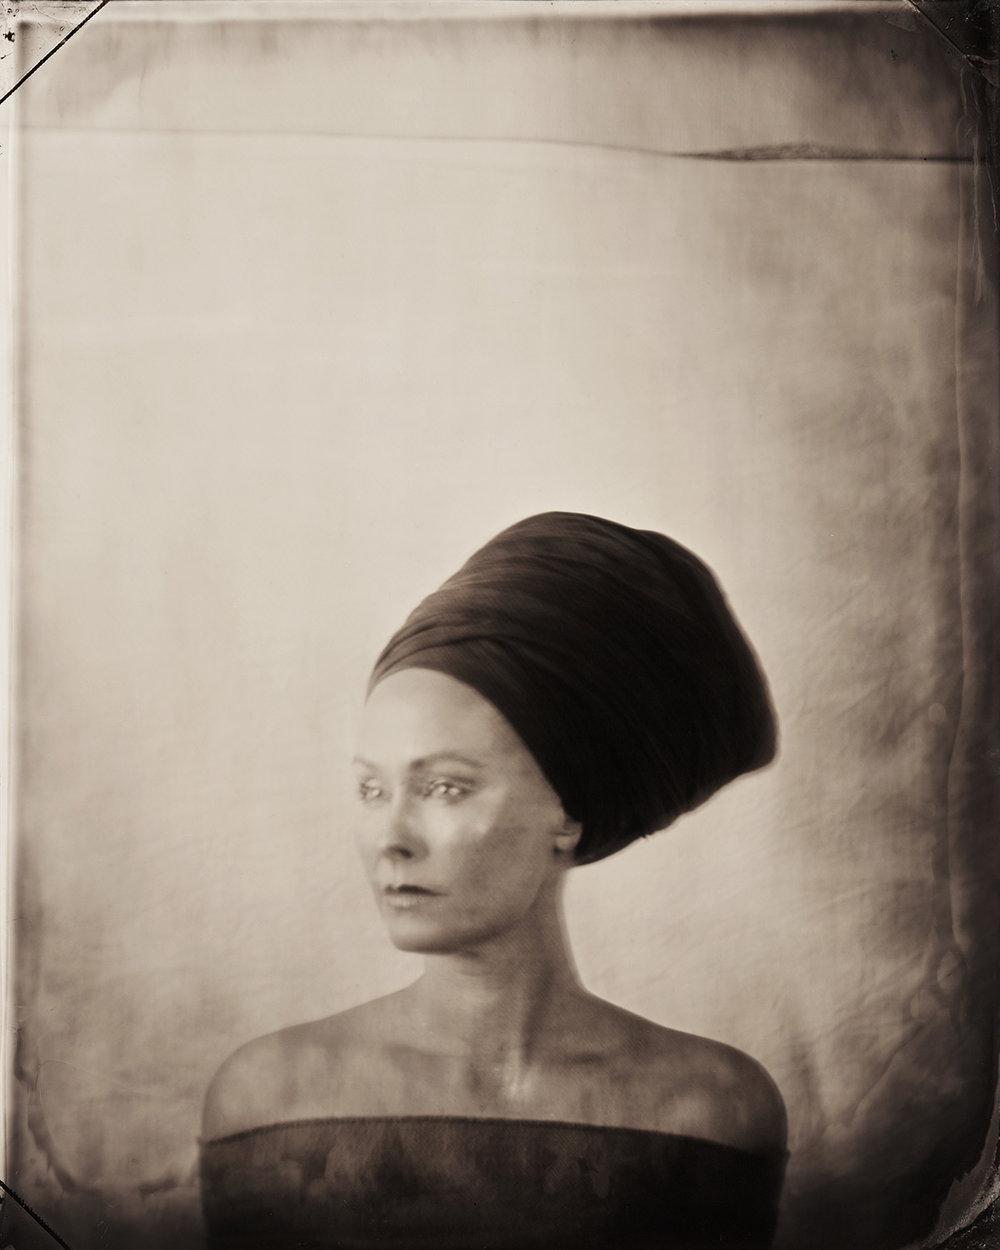 Zialand - By:Julie Loen  studiostaastille.no